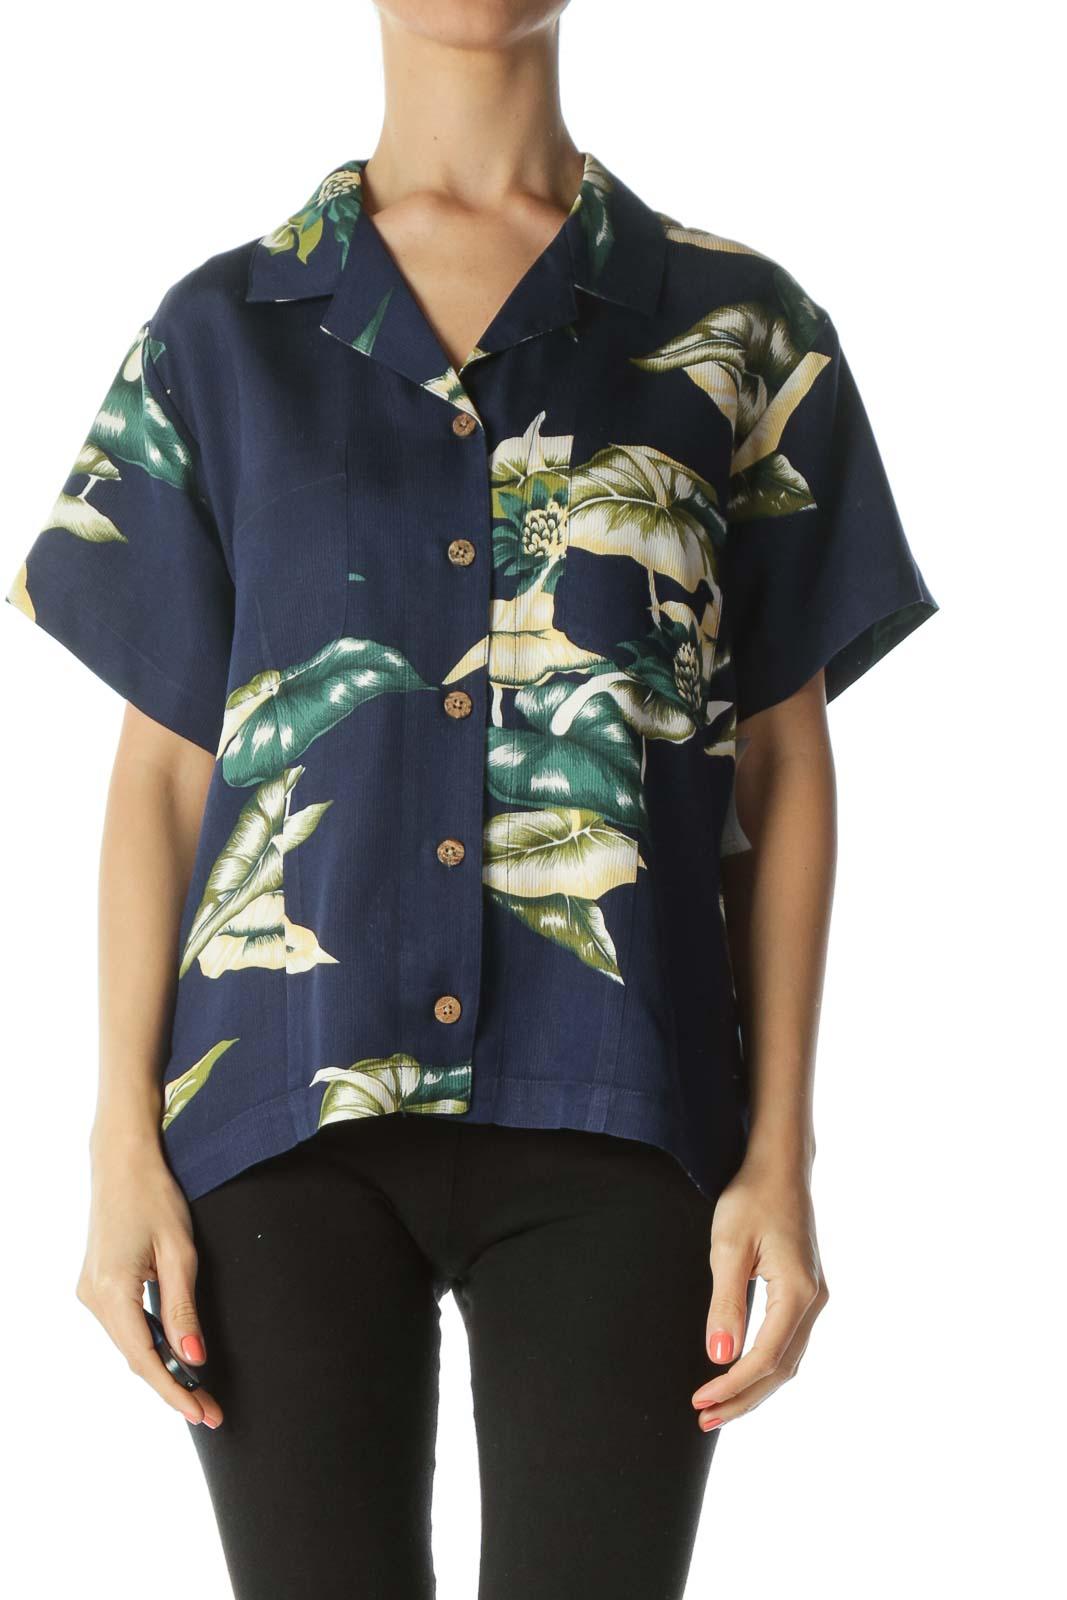 Blue/Yellow/Green 100% Silk Floral-Print Buttoned T-Shirt